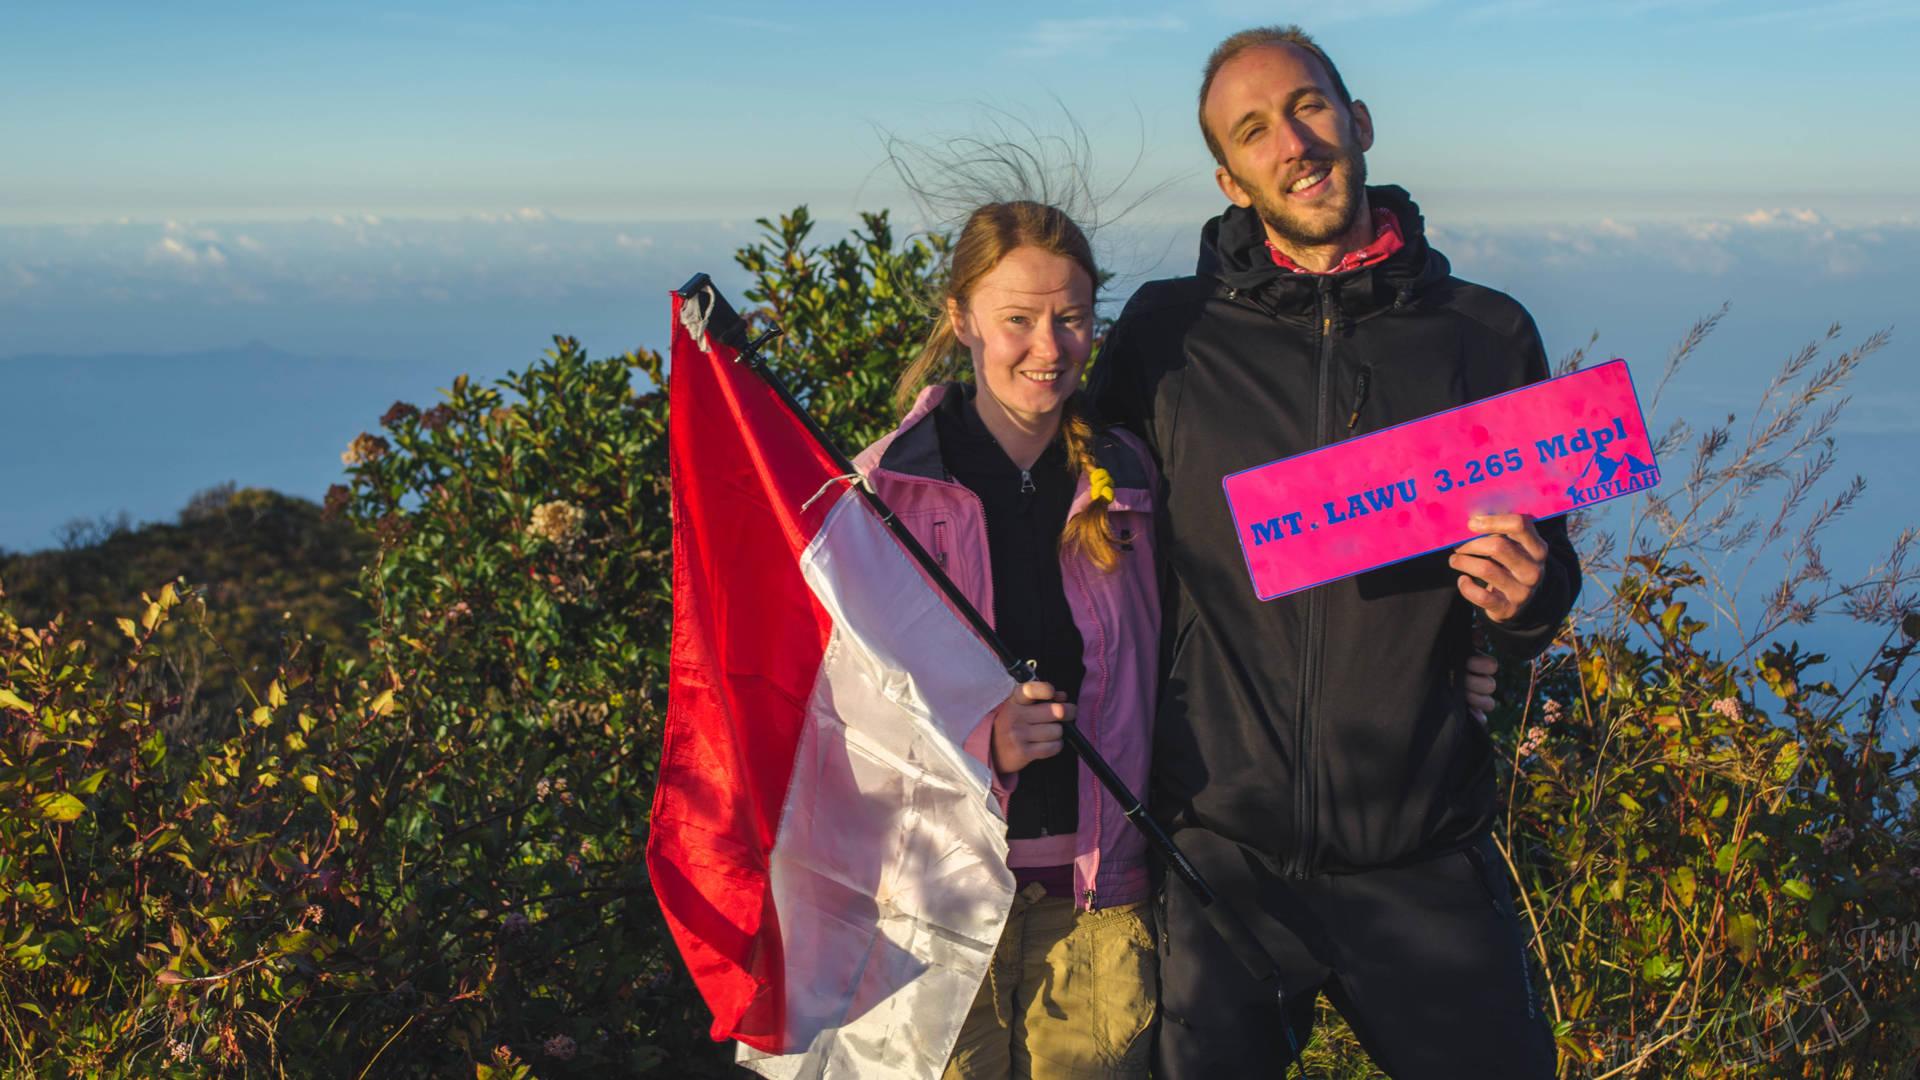 lawu summit, lawu sunrise, lawu bule, climbing lawu, hike lawu, sunrise selfie on summit lawu, lawu indonesia, how to climb lawu, how to hike lawu